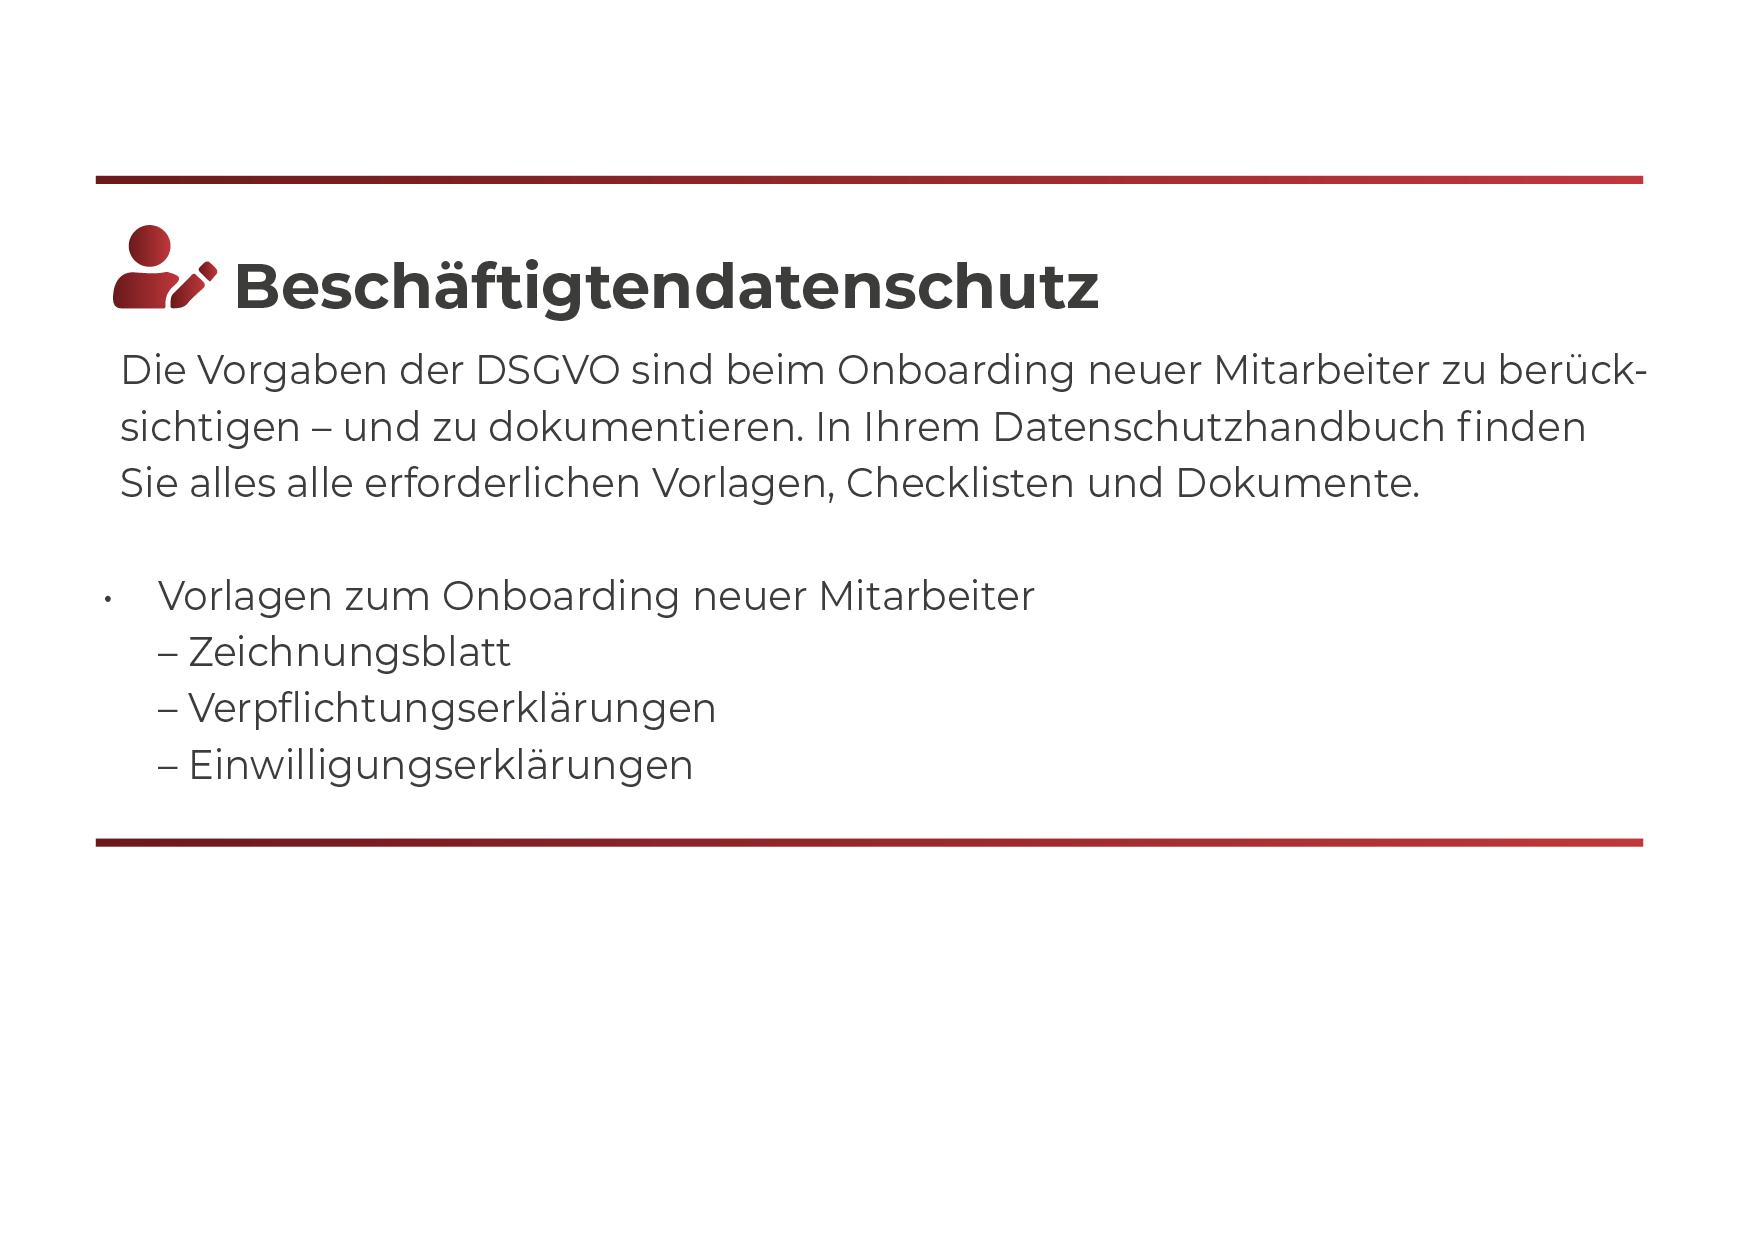 OD_Besch